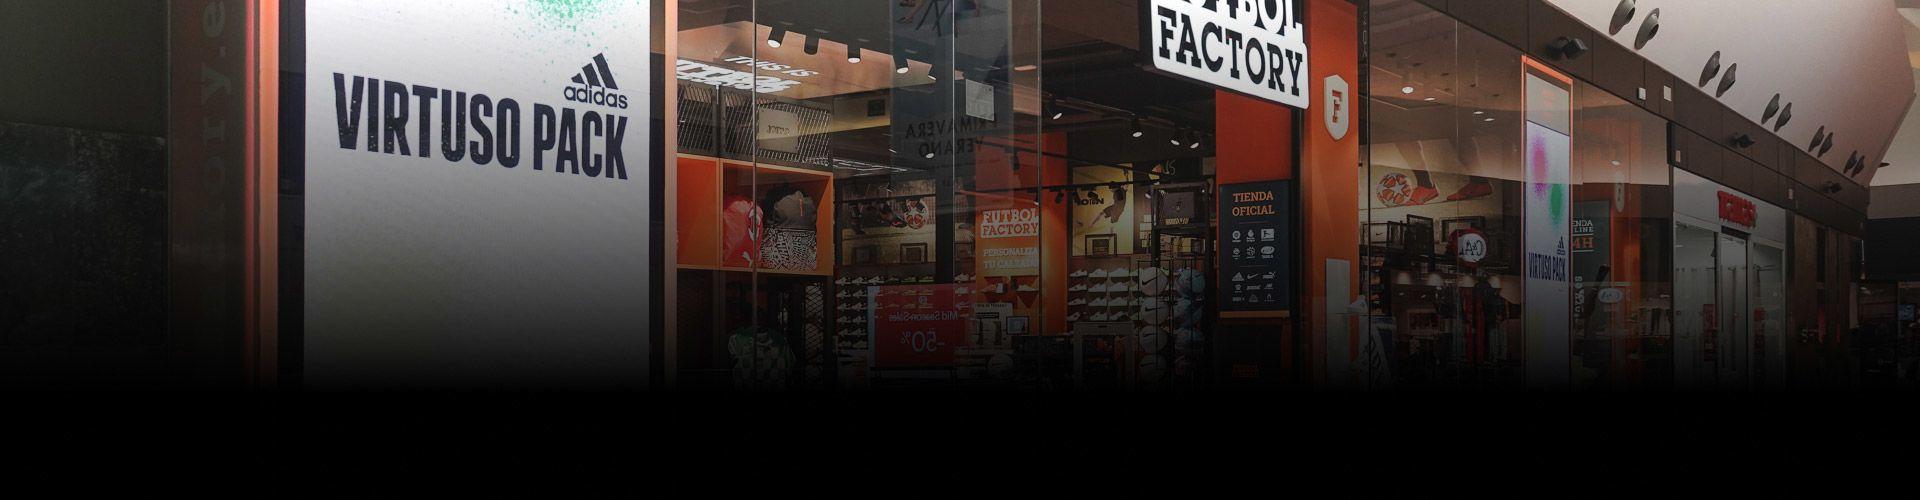 tienda futbol factory murcia